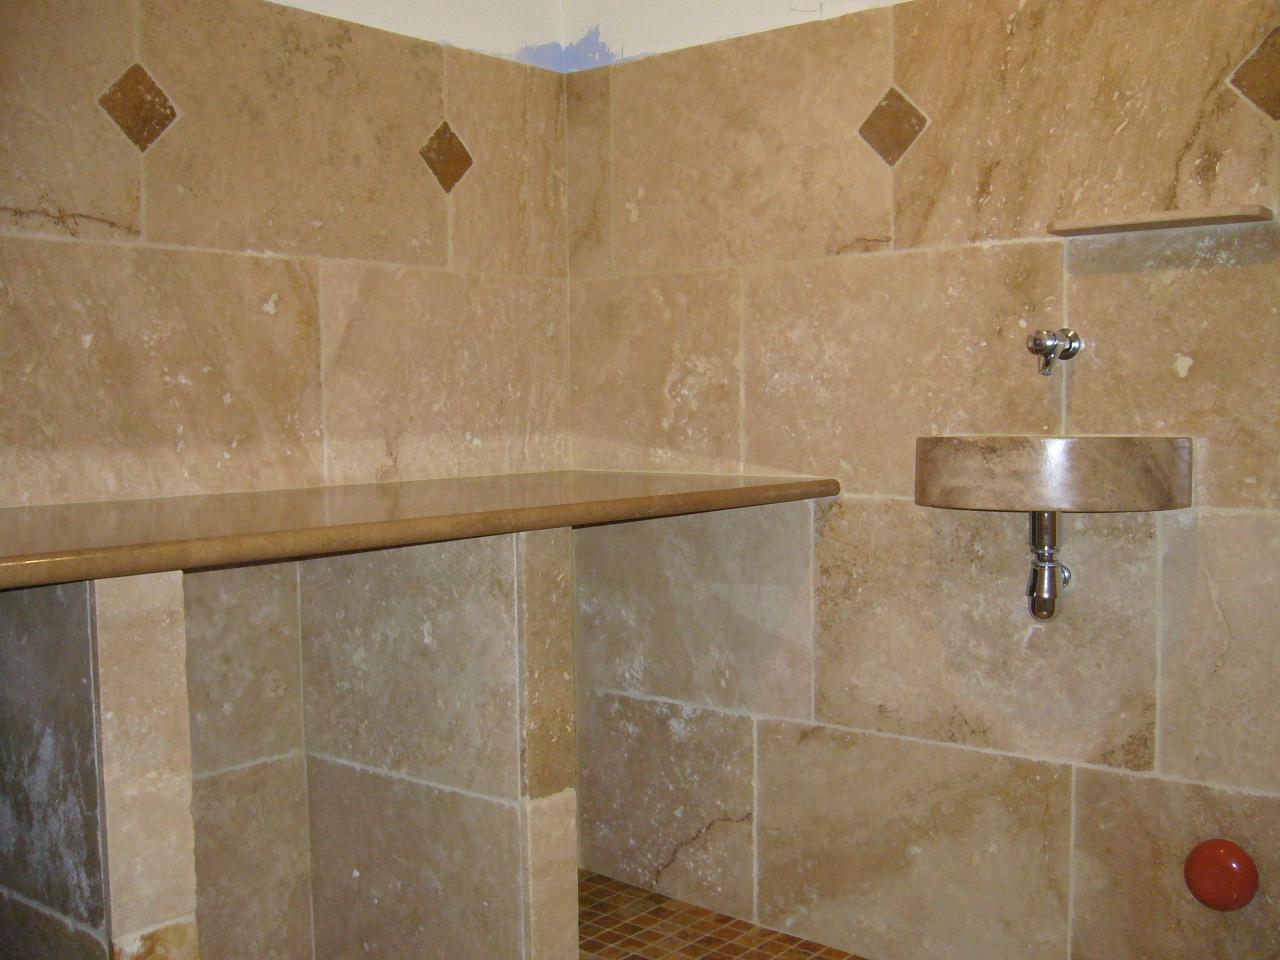 Pierre Naturelle Salle De Bain salle de bains en pierres naturelles | azur agencement